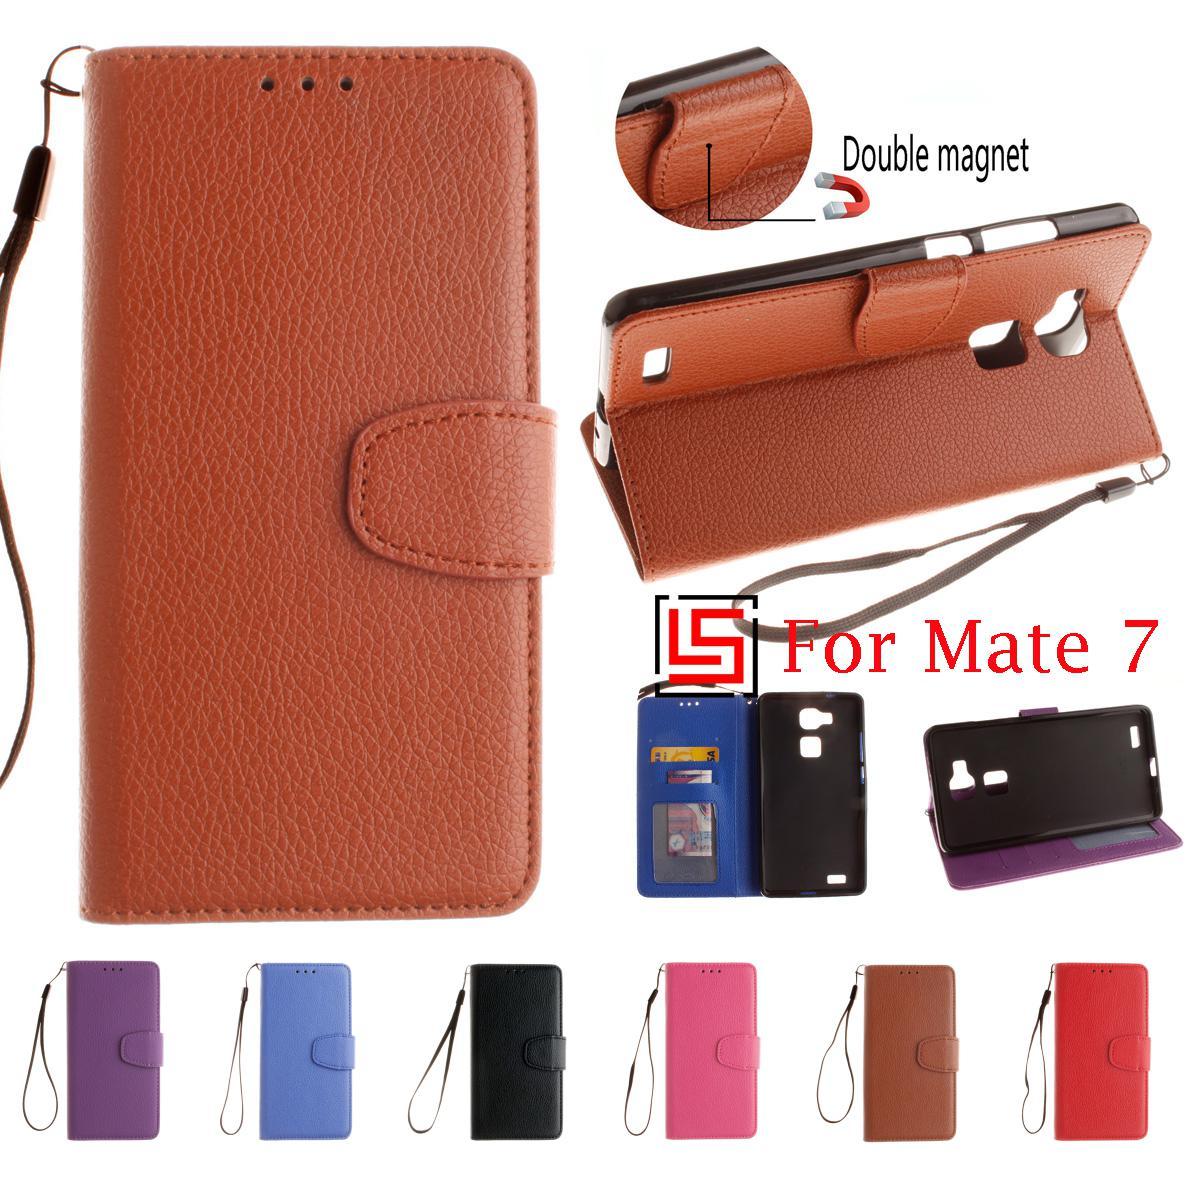 Haute Qualité Meilleur De la Mode En Cuir PU Leathe Flip Book Portefeuille  Stand Couverture de Cas de téléphone Cove Pour Huawei Huawey Ascend  Compagnon 7 ... cf31a765775